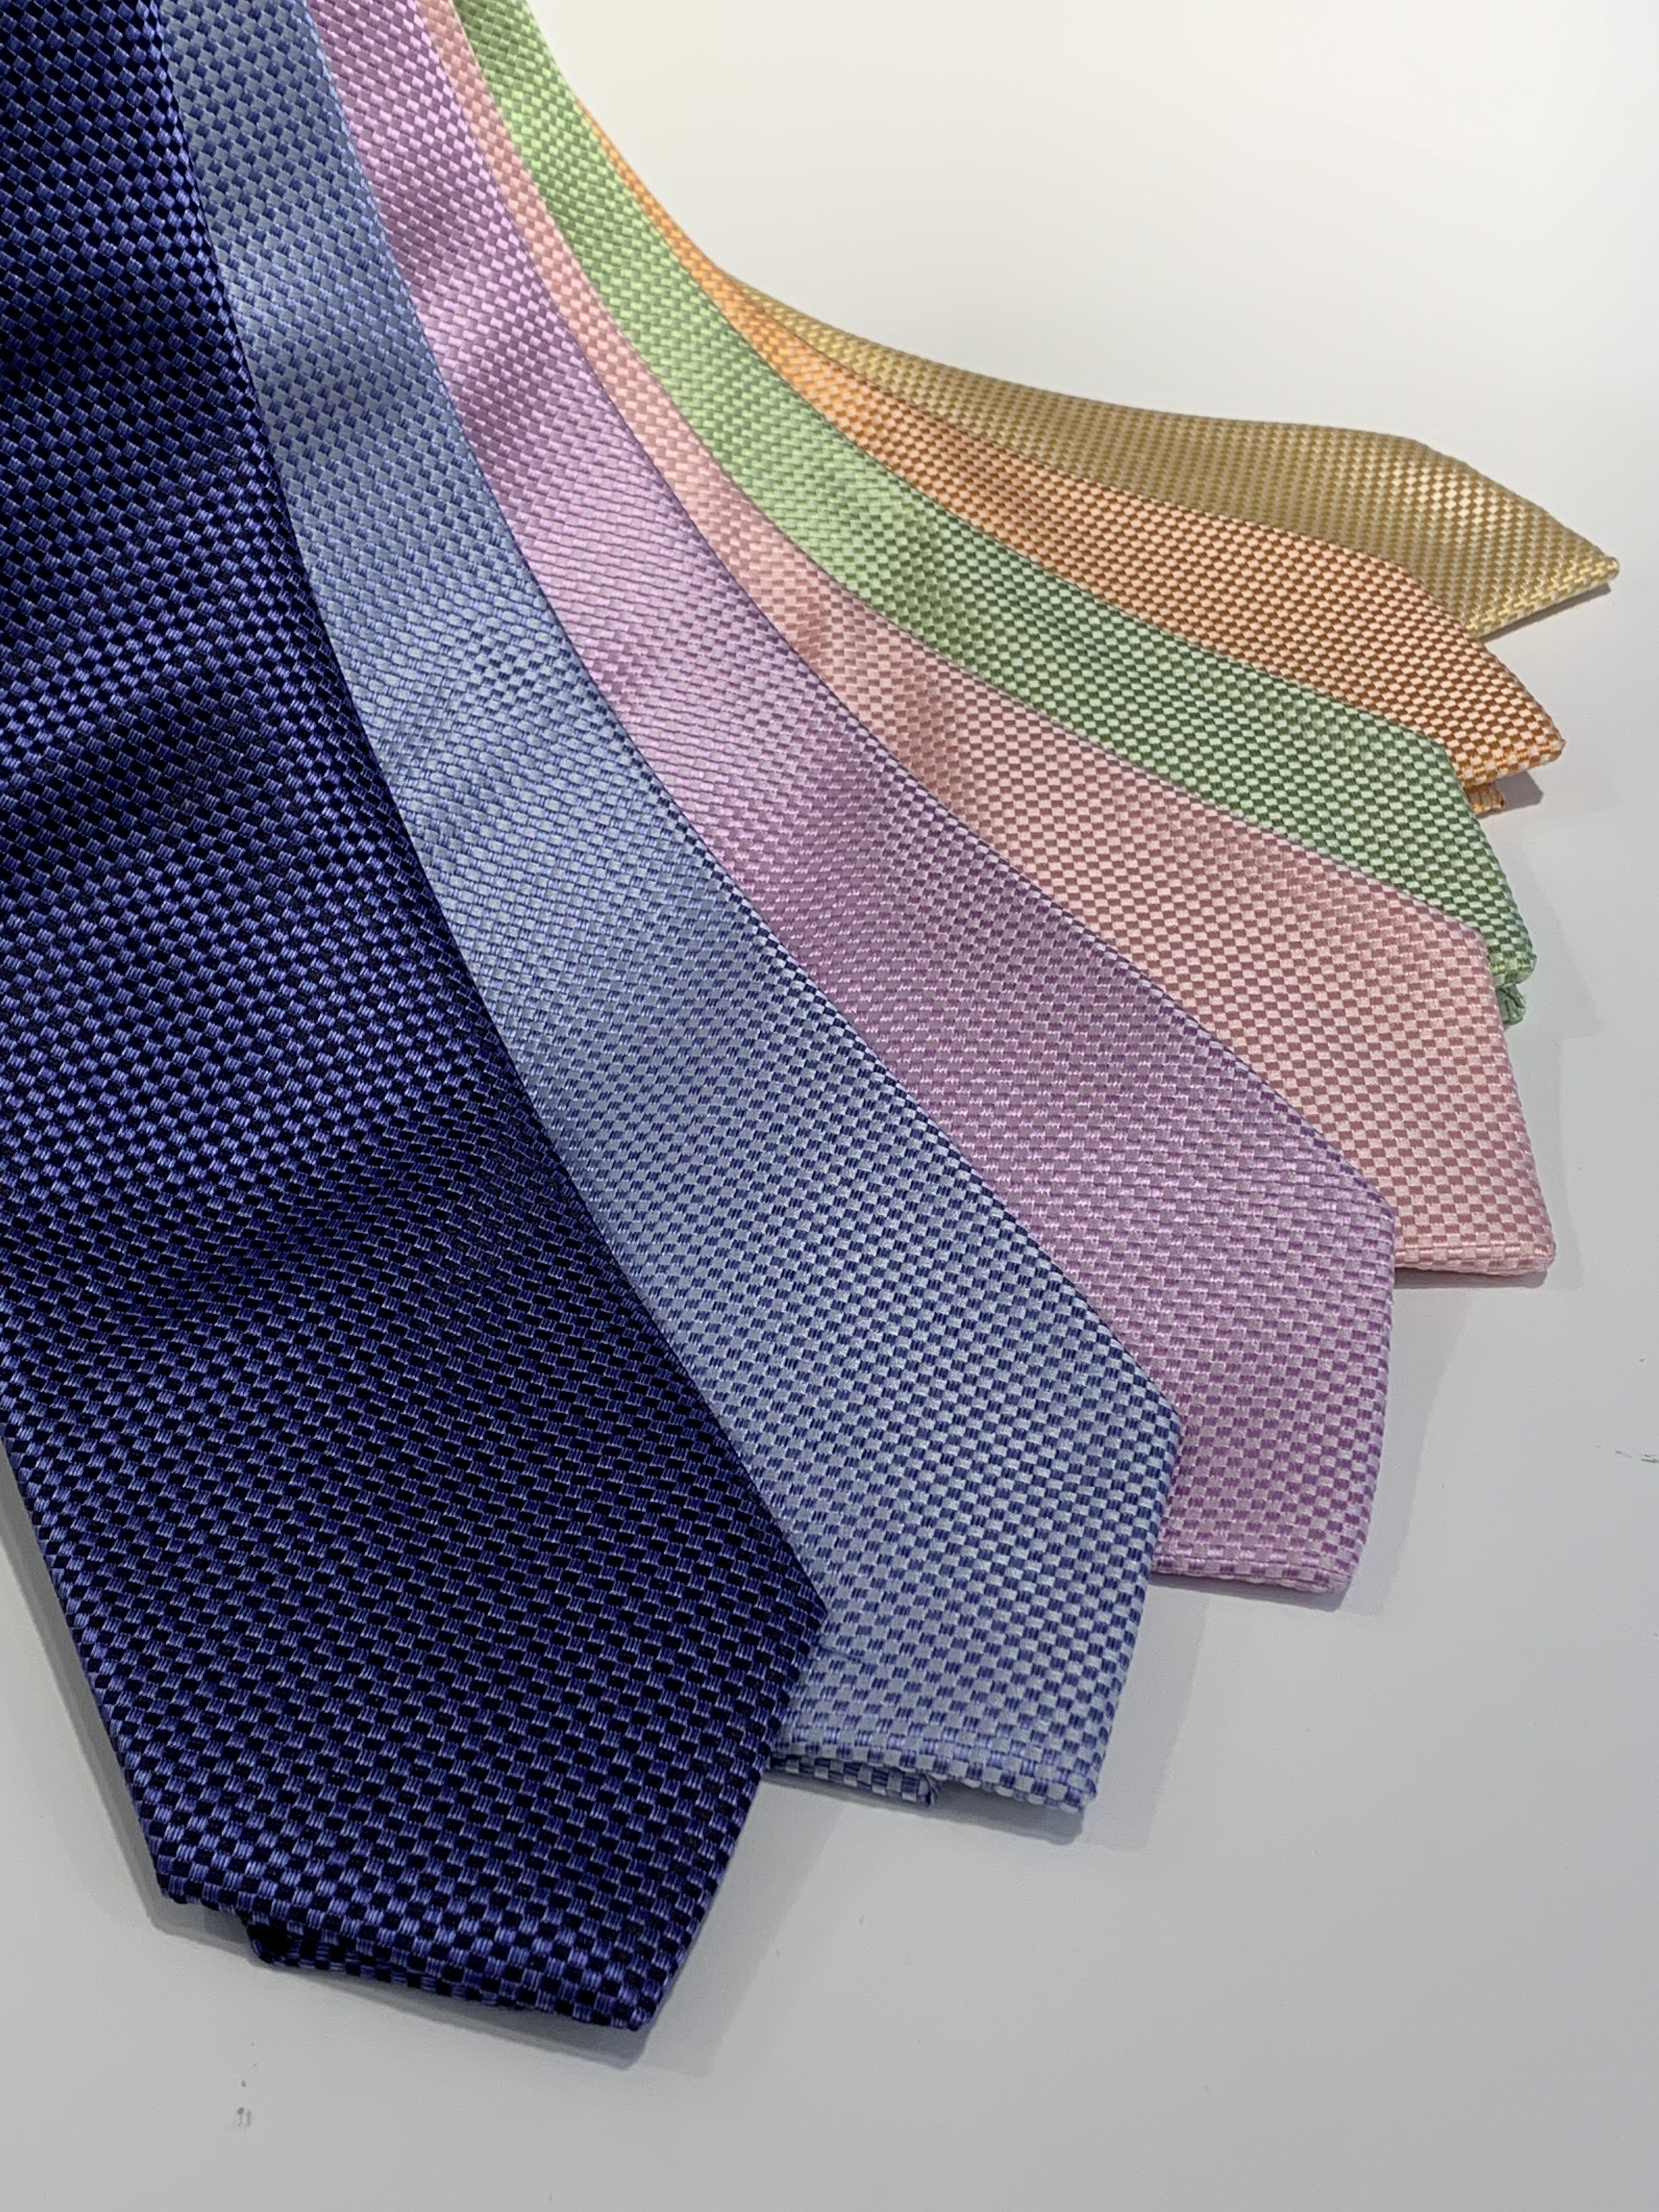 【ネクタイ色別】おすすめの使用シーン